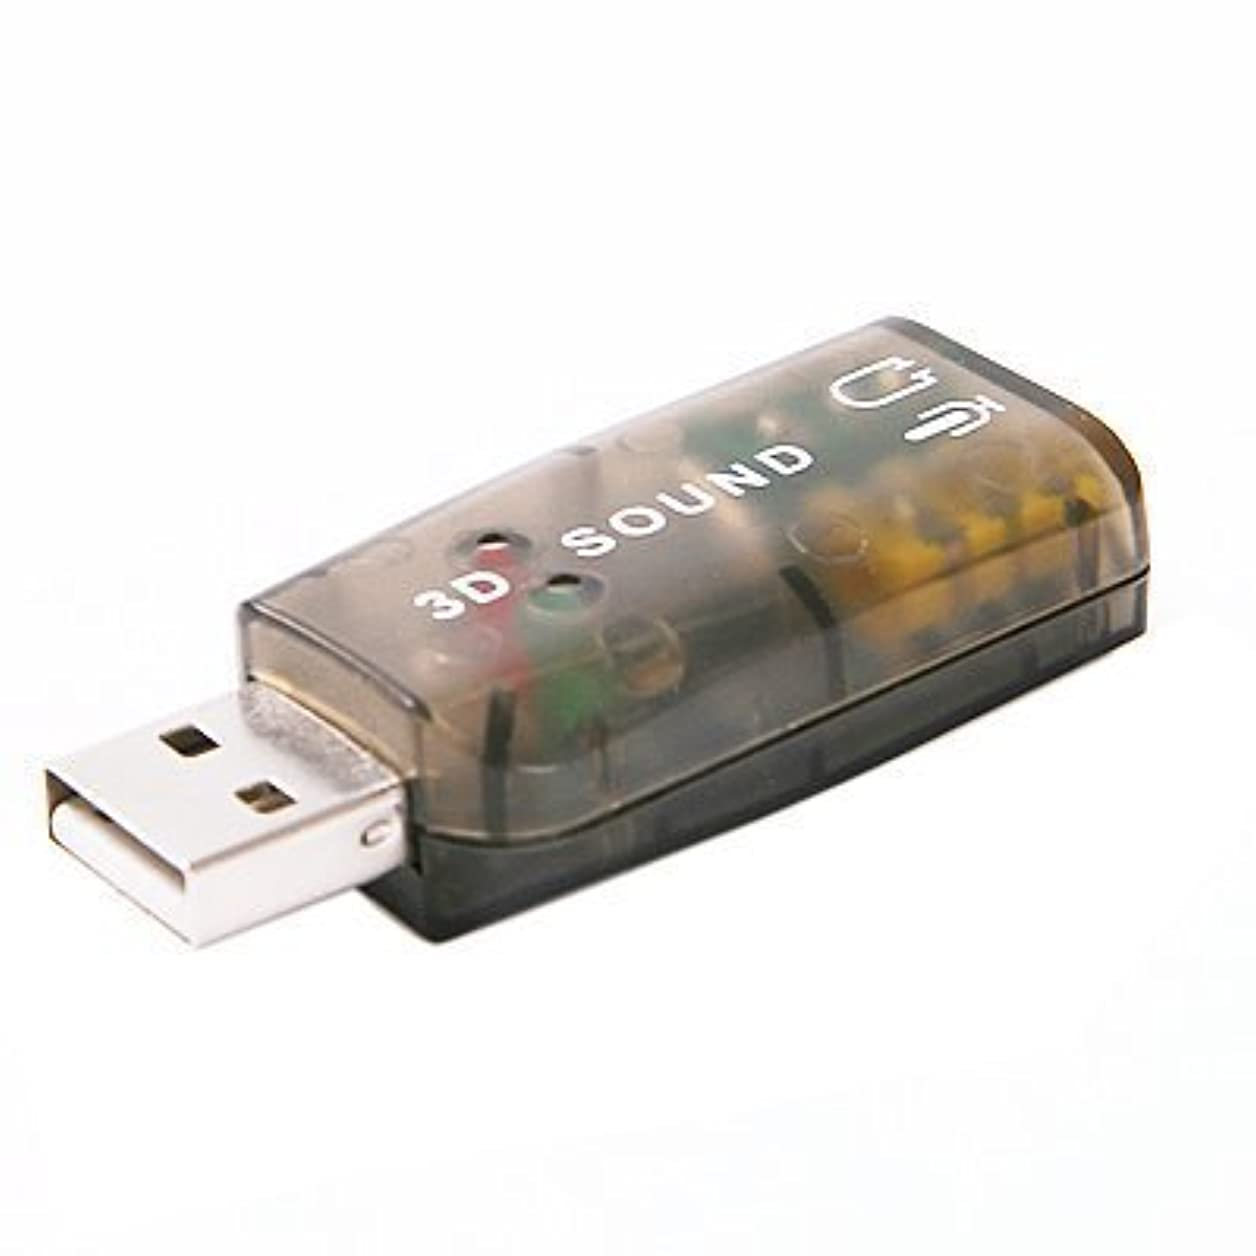 ラボおじさん司令官External 5.1 USB 3D Audio Sound Card Adapter for PC Desktop Notebook Laptop [並行輸入品]